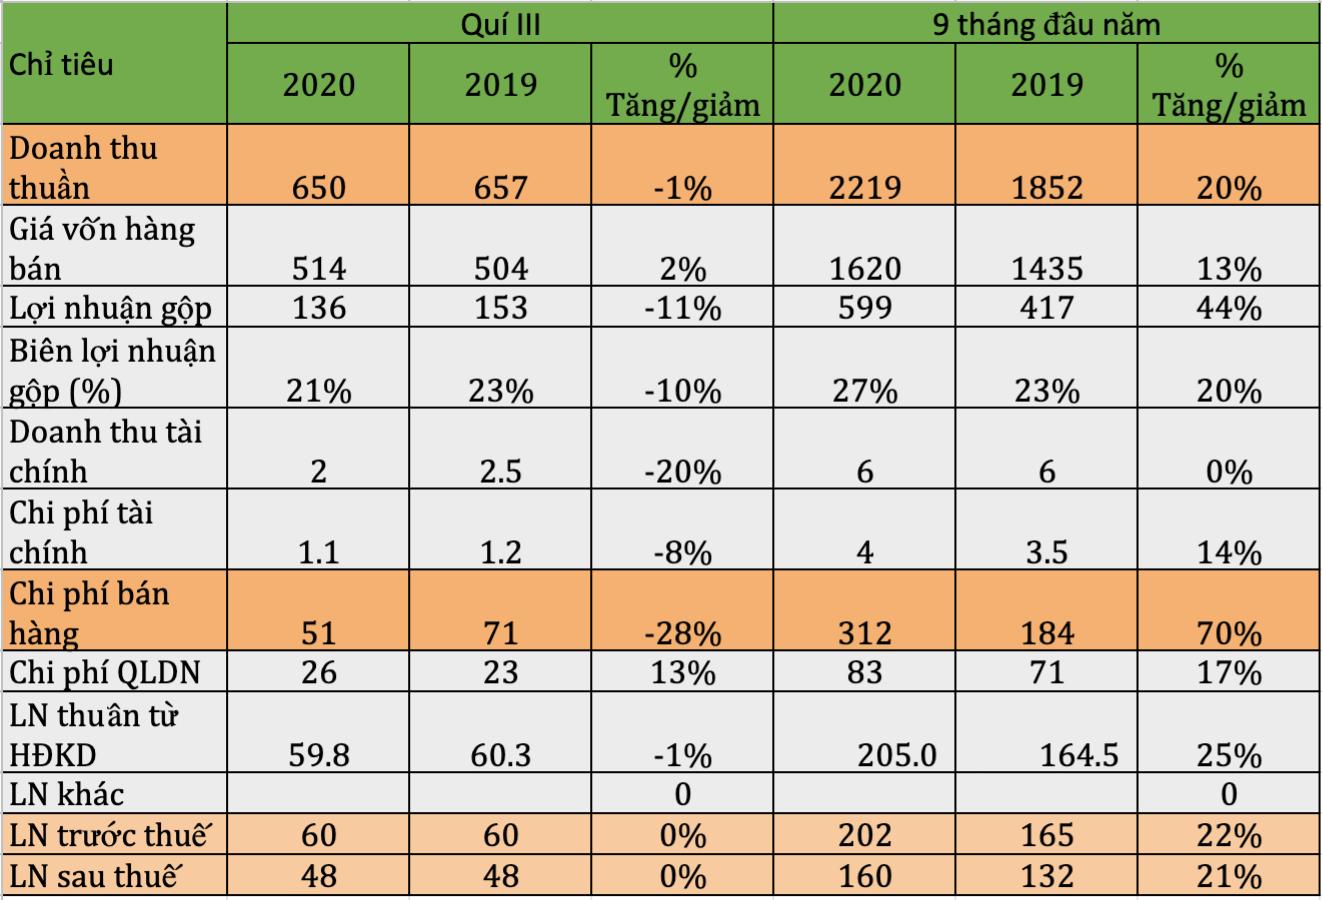 9 tháng đầu năm, Bột giặt LIX hoàn thành 88% kế hoạch lợi nhuận - Ảnh 1.